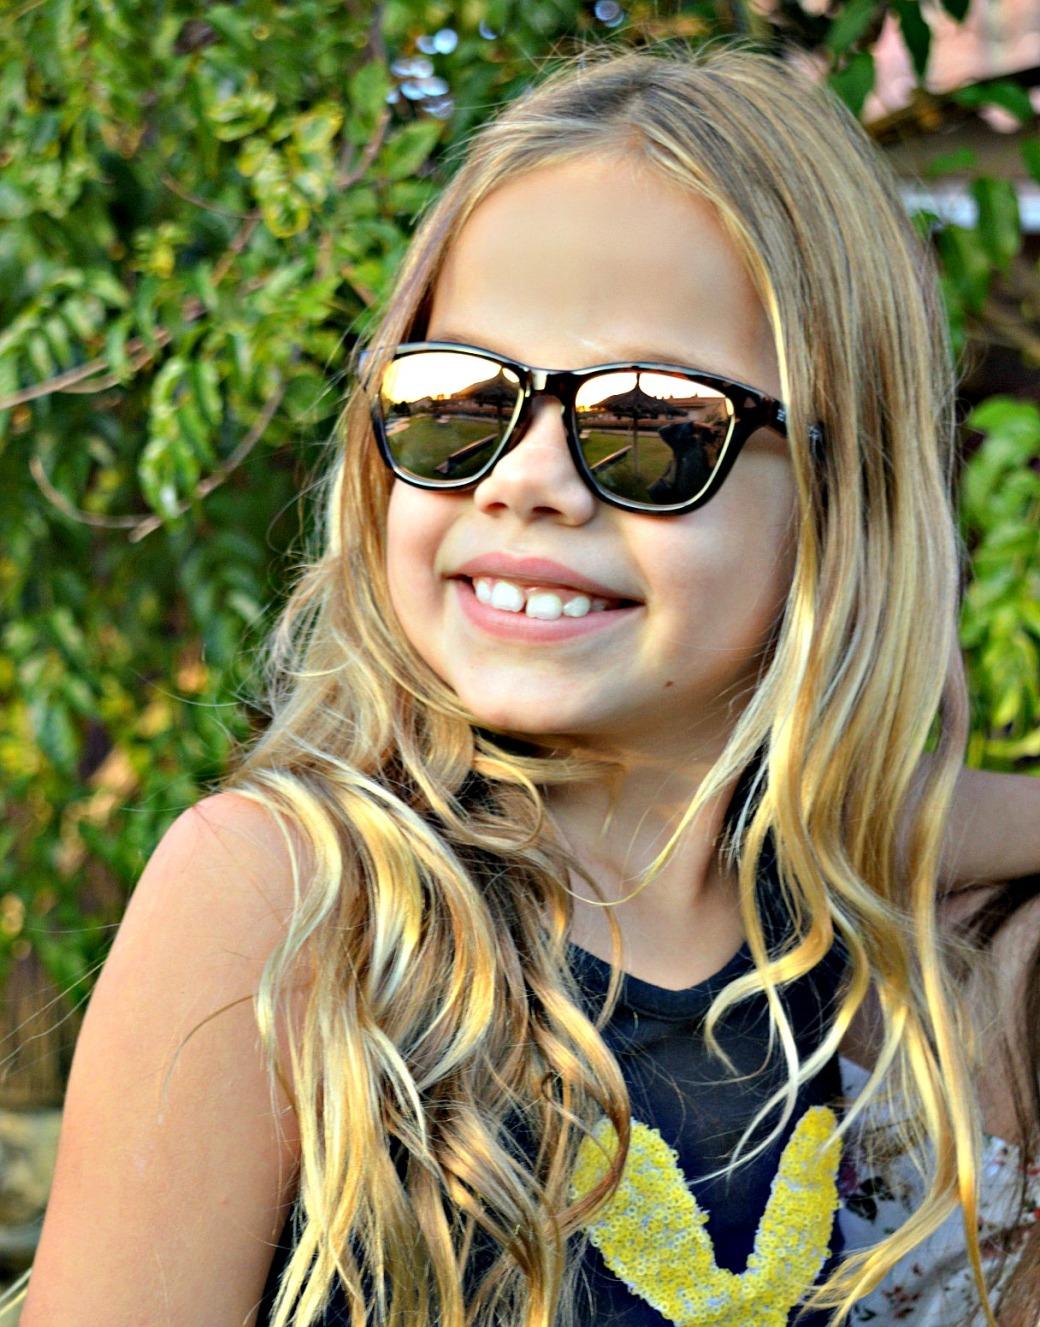 hawkers-tpl-blog-de-moda-infantil-y-juvenil-6